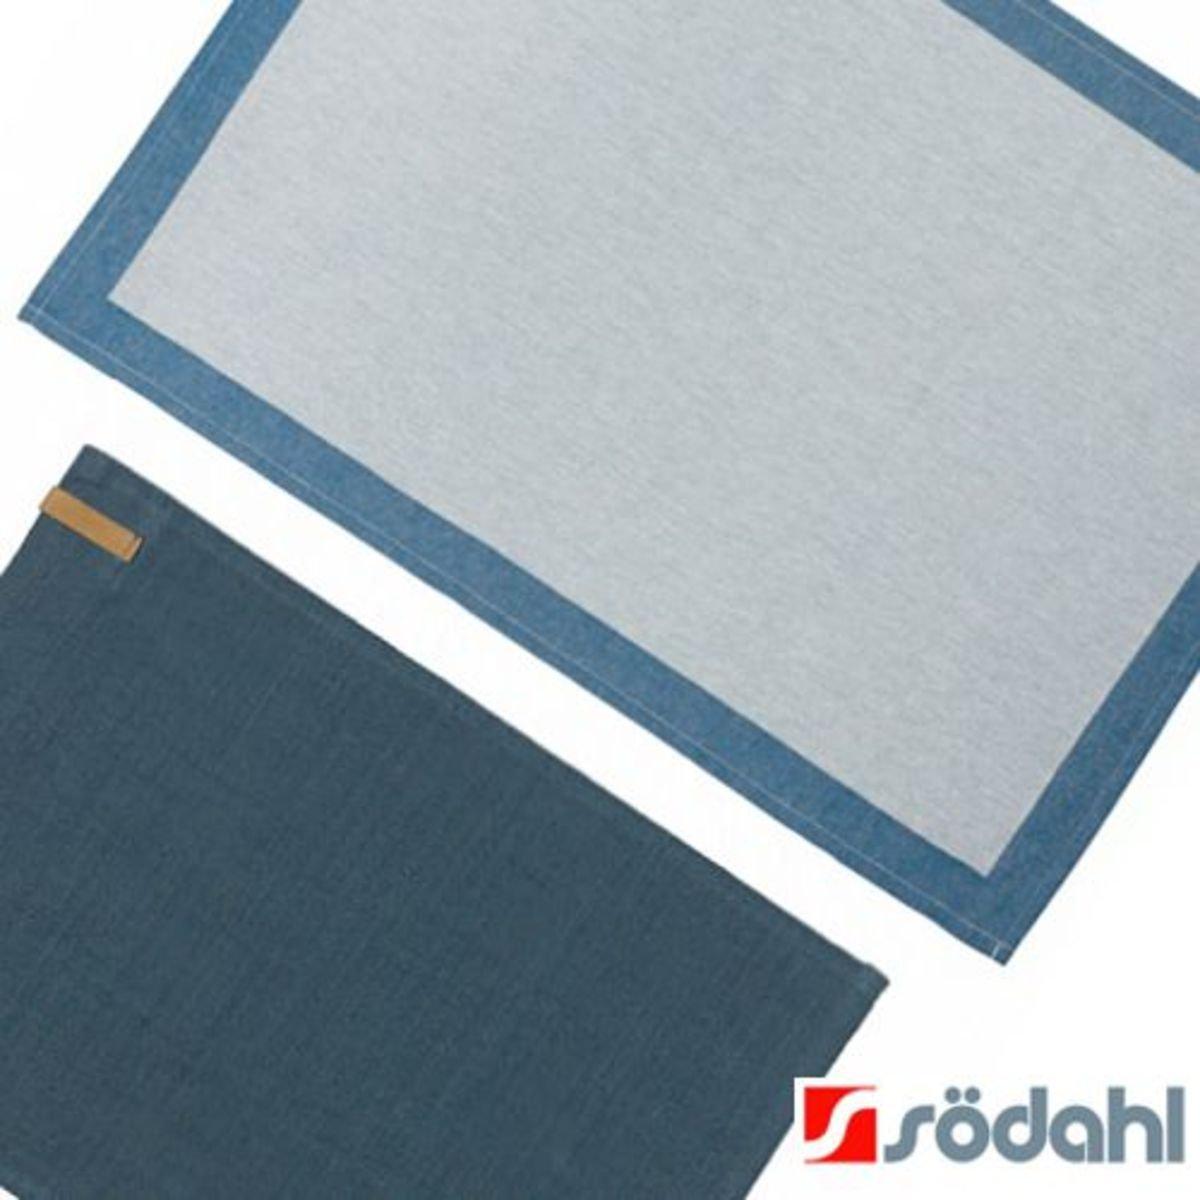 """餐桌套裝""""Casual""""簡約餐墊+Frame系列餐巾, 藍色"""